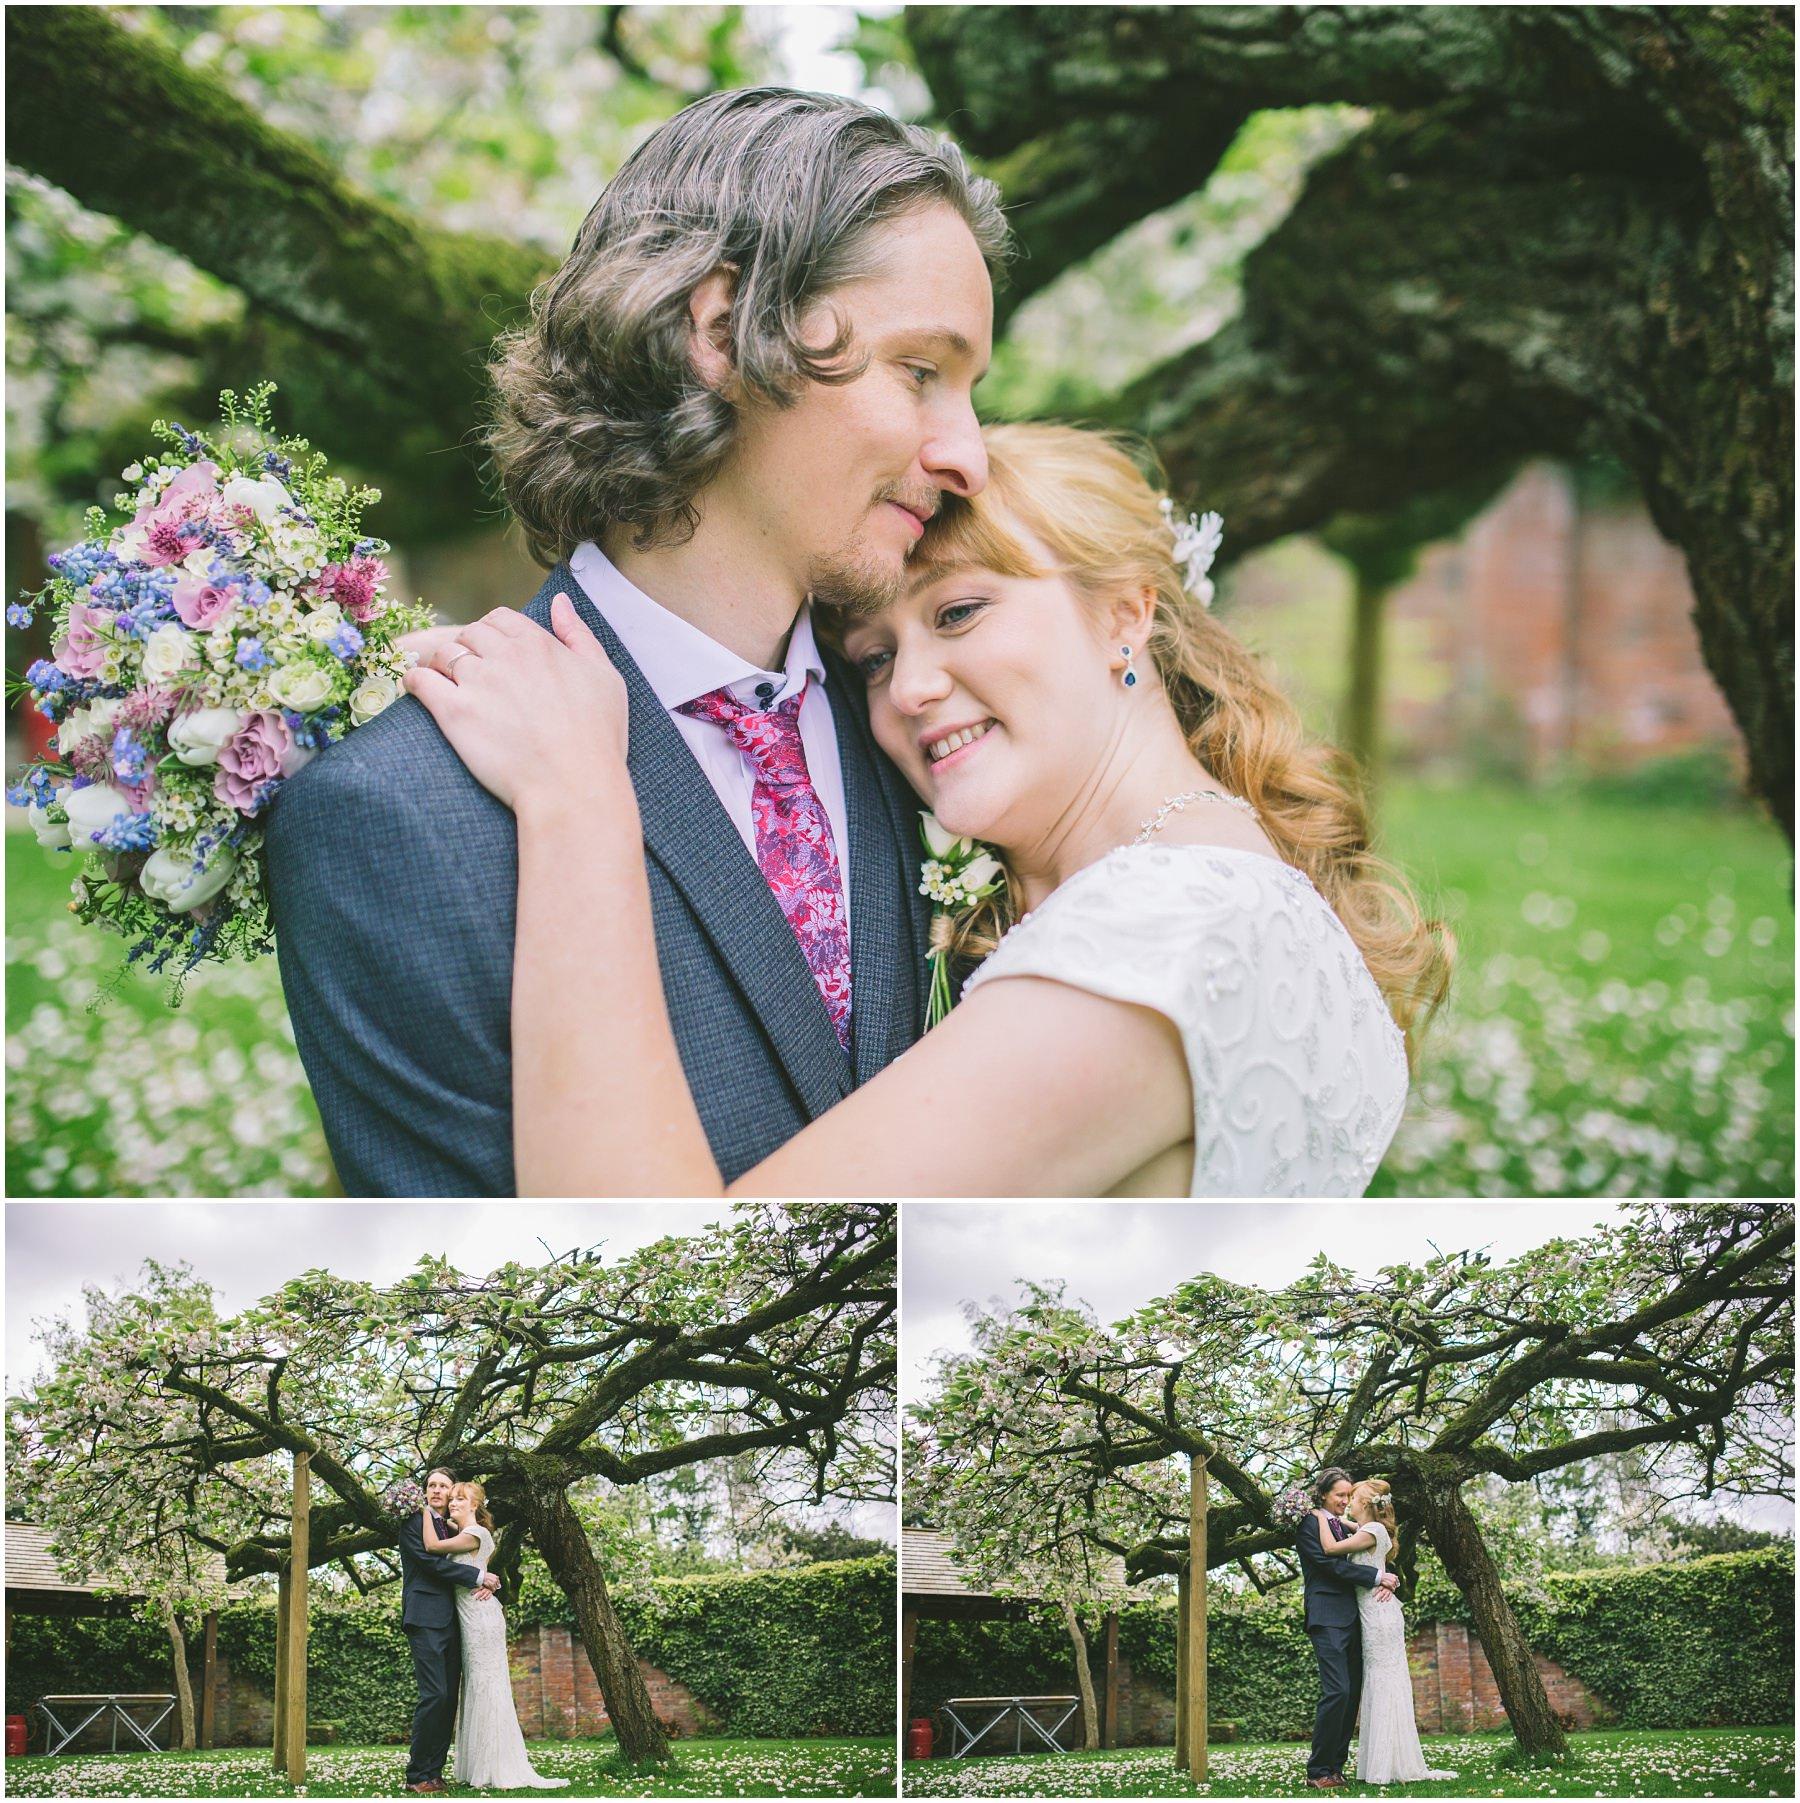 Bridal portraits at Eleven Didsbury Park